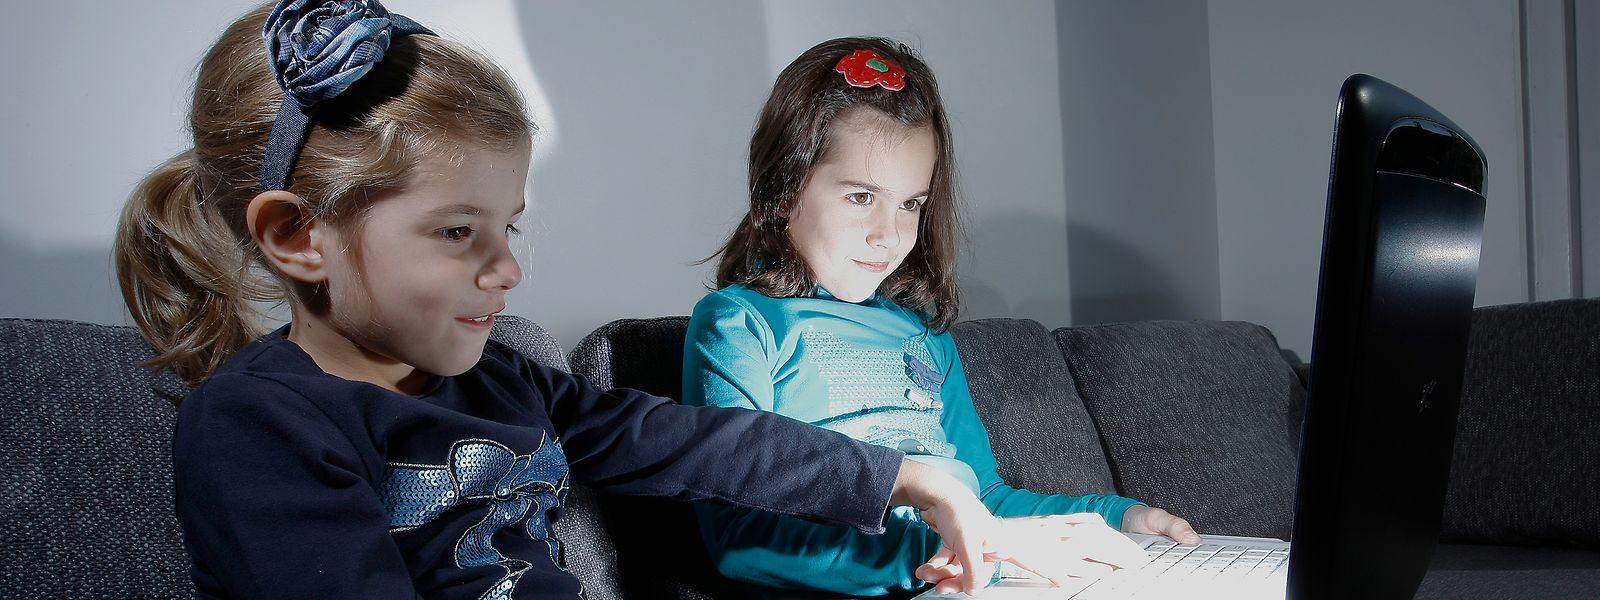 Sensibiliser les jeunes aux risques liés à l'utilisation des nouveaux médias, tel est l'objectif de la campagne «Les écrans en famille».